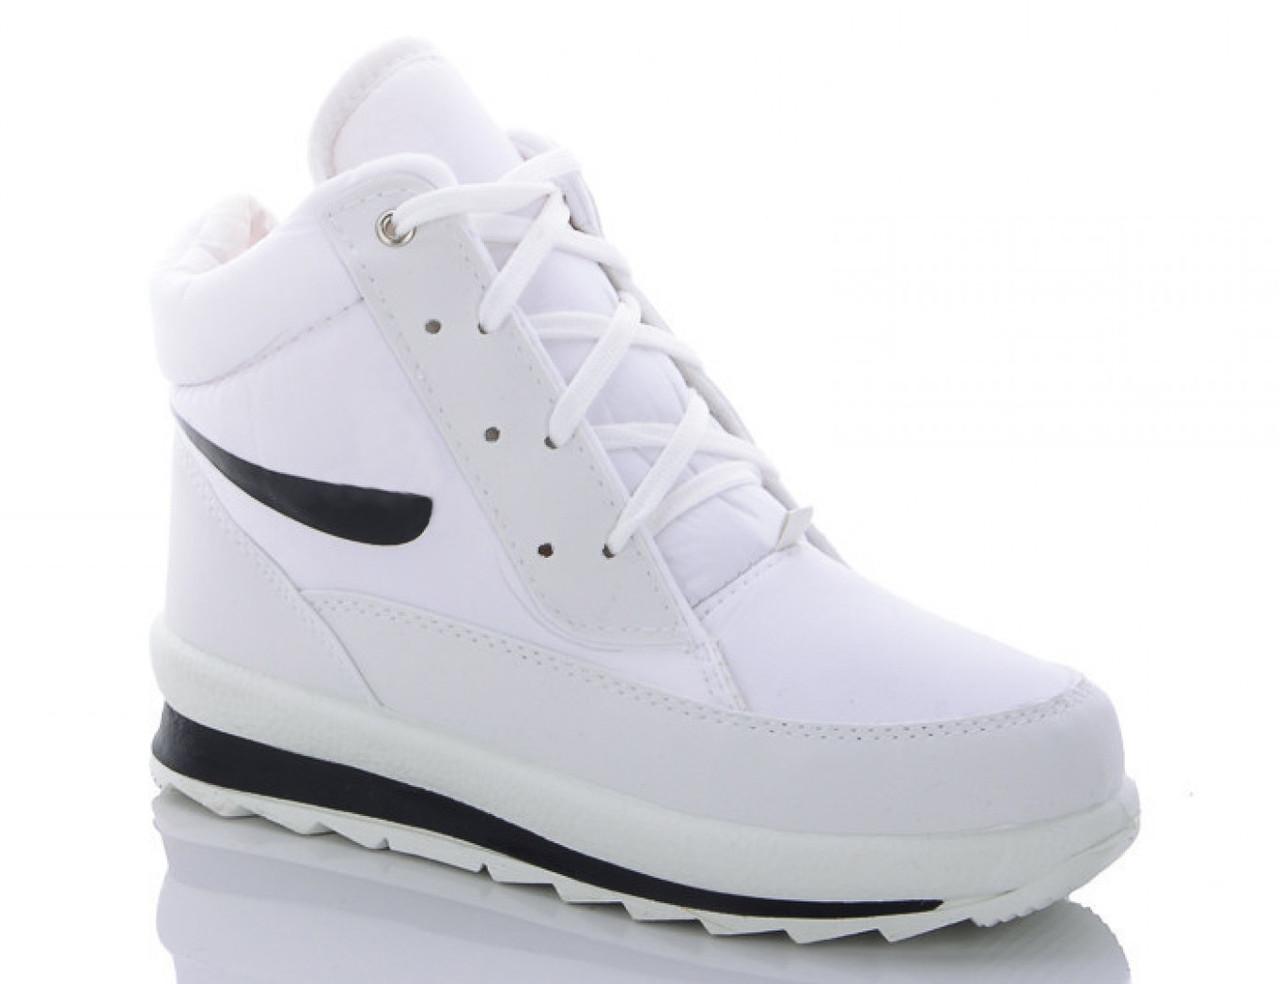 Женские зимние кроссовки BR-S высокие белые 37 р. - 23 см 1258343820